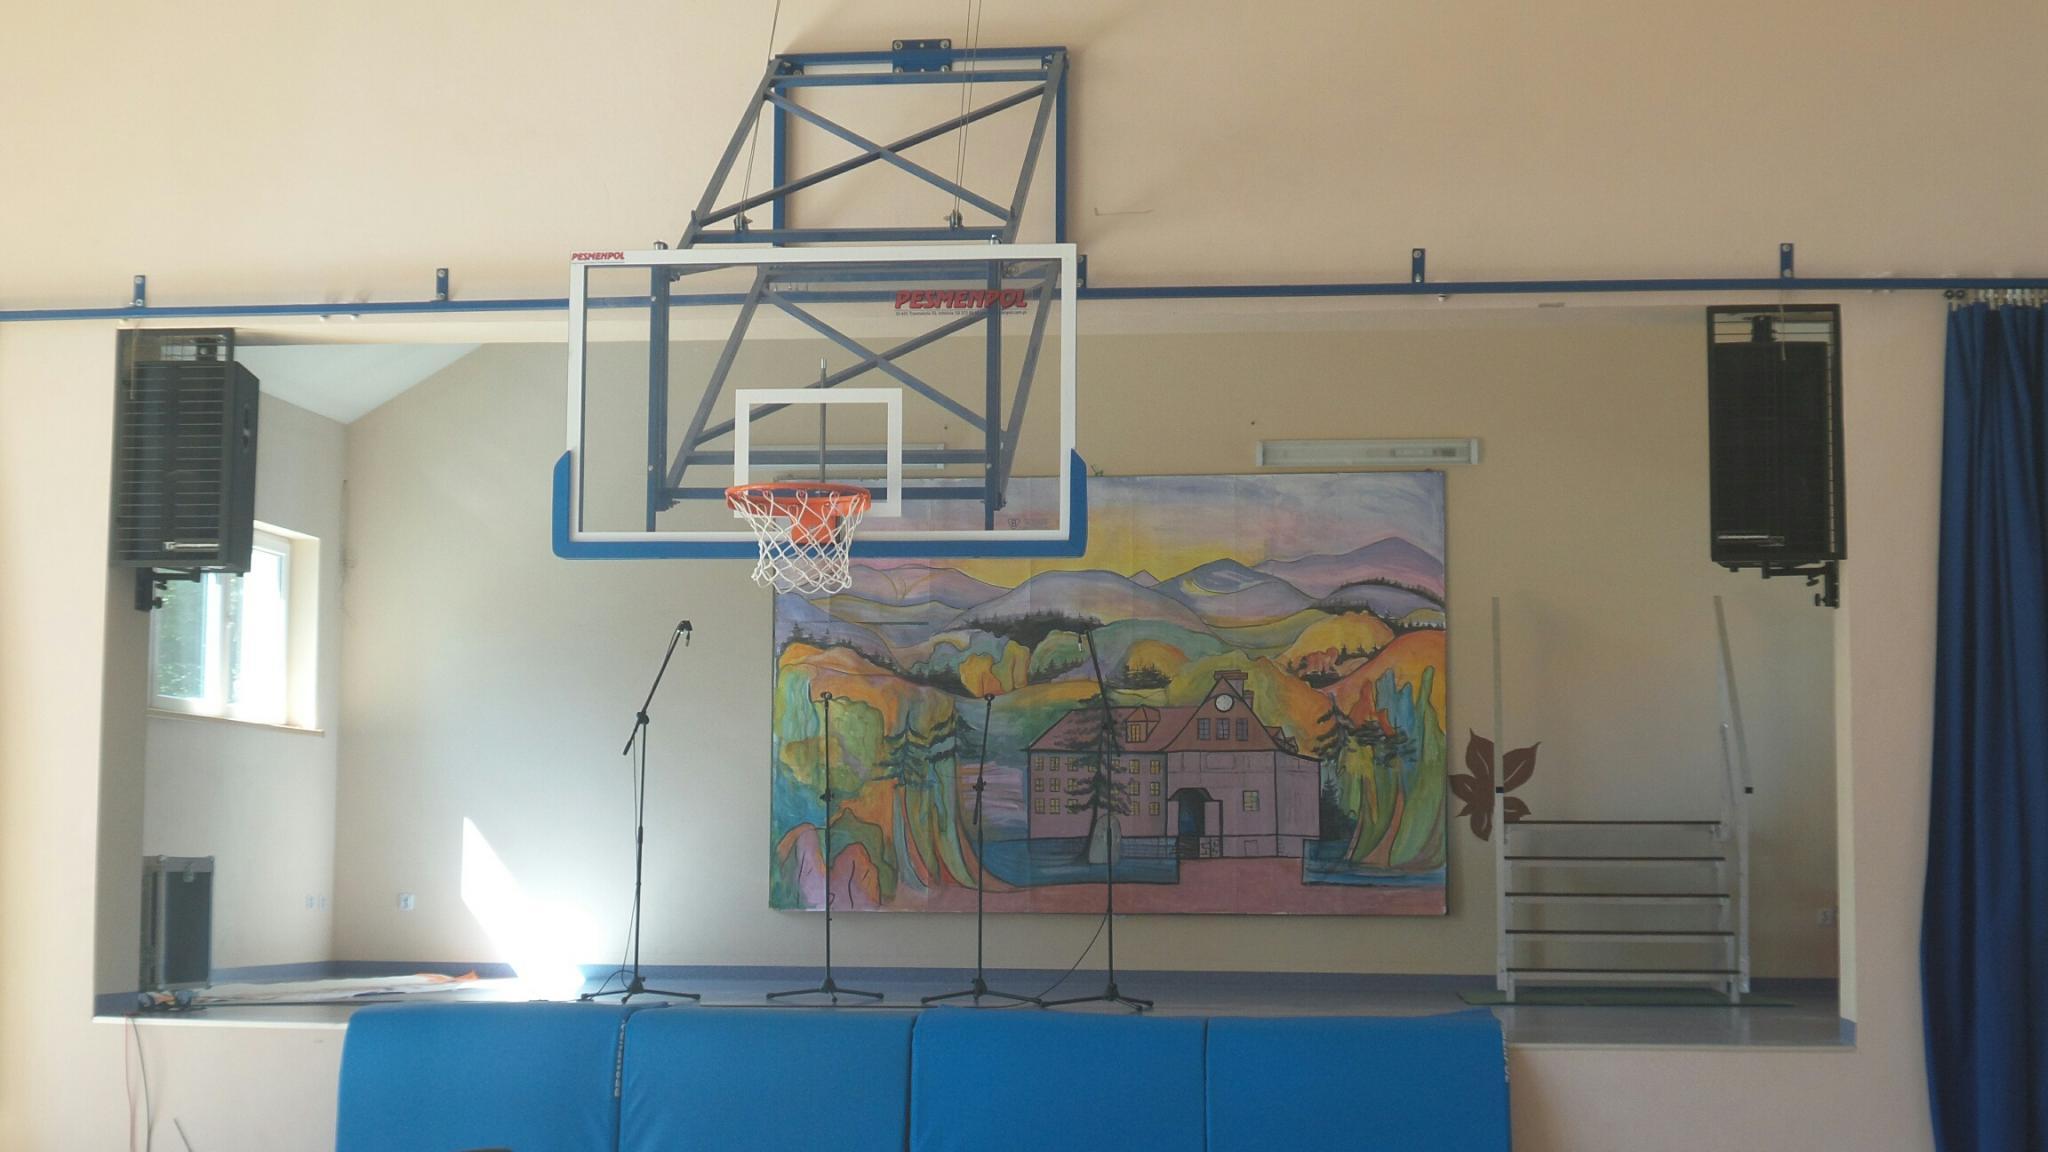 Nagłośnienie sali gimnastycznej w szkole - instalacja